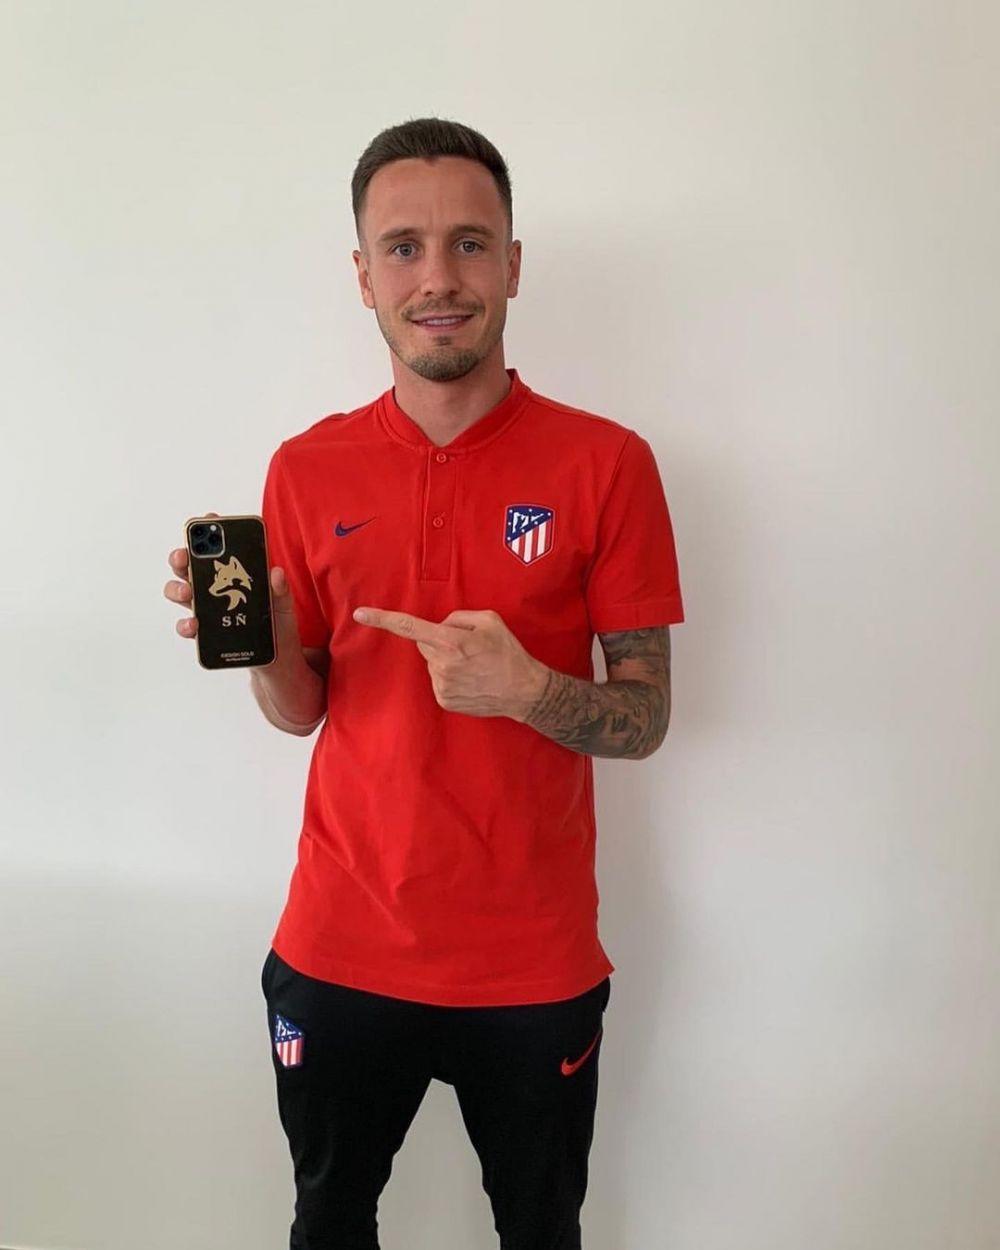 Telefoanele pentru care starurile au aruncat cu bani! Pe ce au platit Neymar, Mbappe sau Messi cate 5 000 de lire